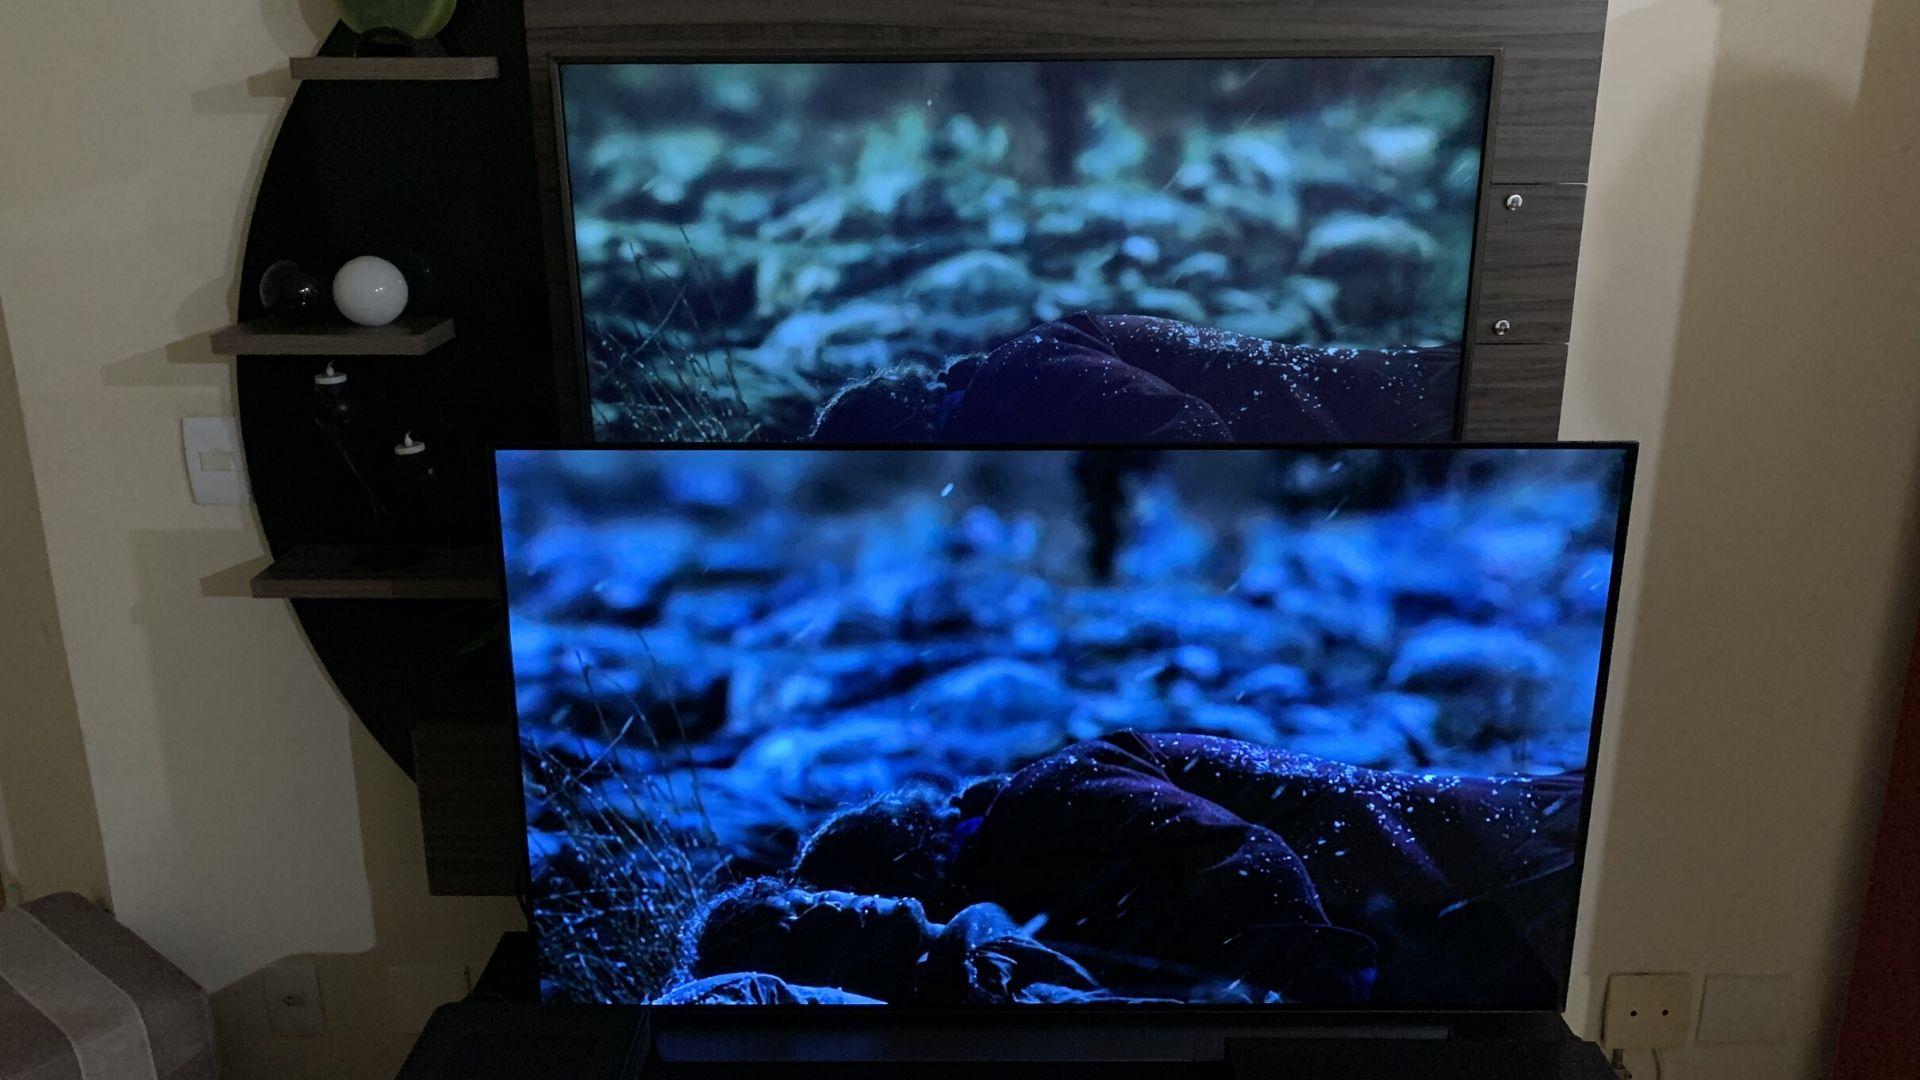 """Tela OLED da LG C9 reproduz o preto """"puro"""", como podemos perceber quando comparamos com a tela da UJ6565. (Imagem: Yulli Dias/Zoom)"""